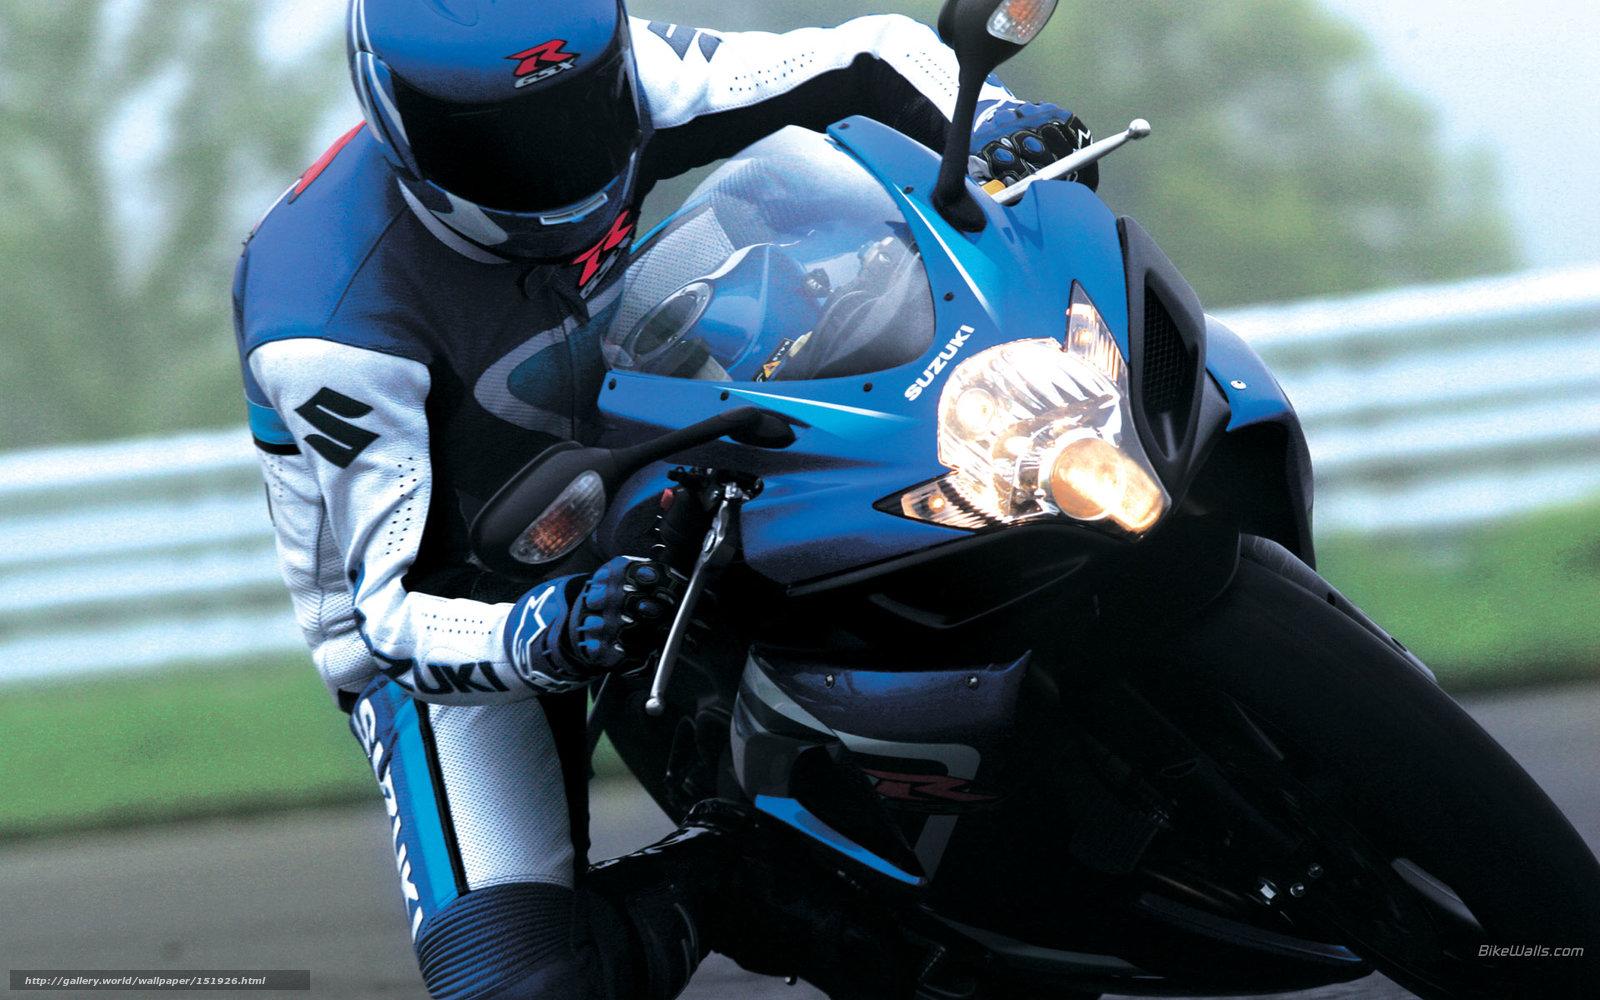 suzuki supersport gsx r750 - photo #48